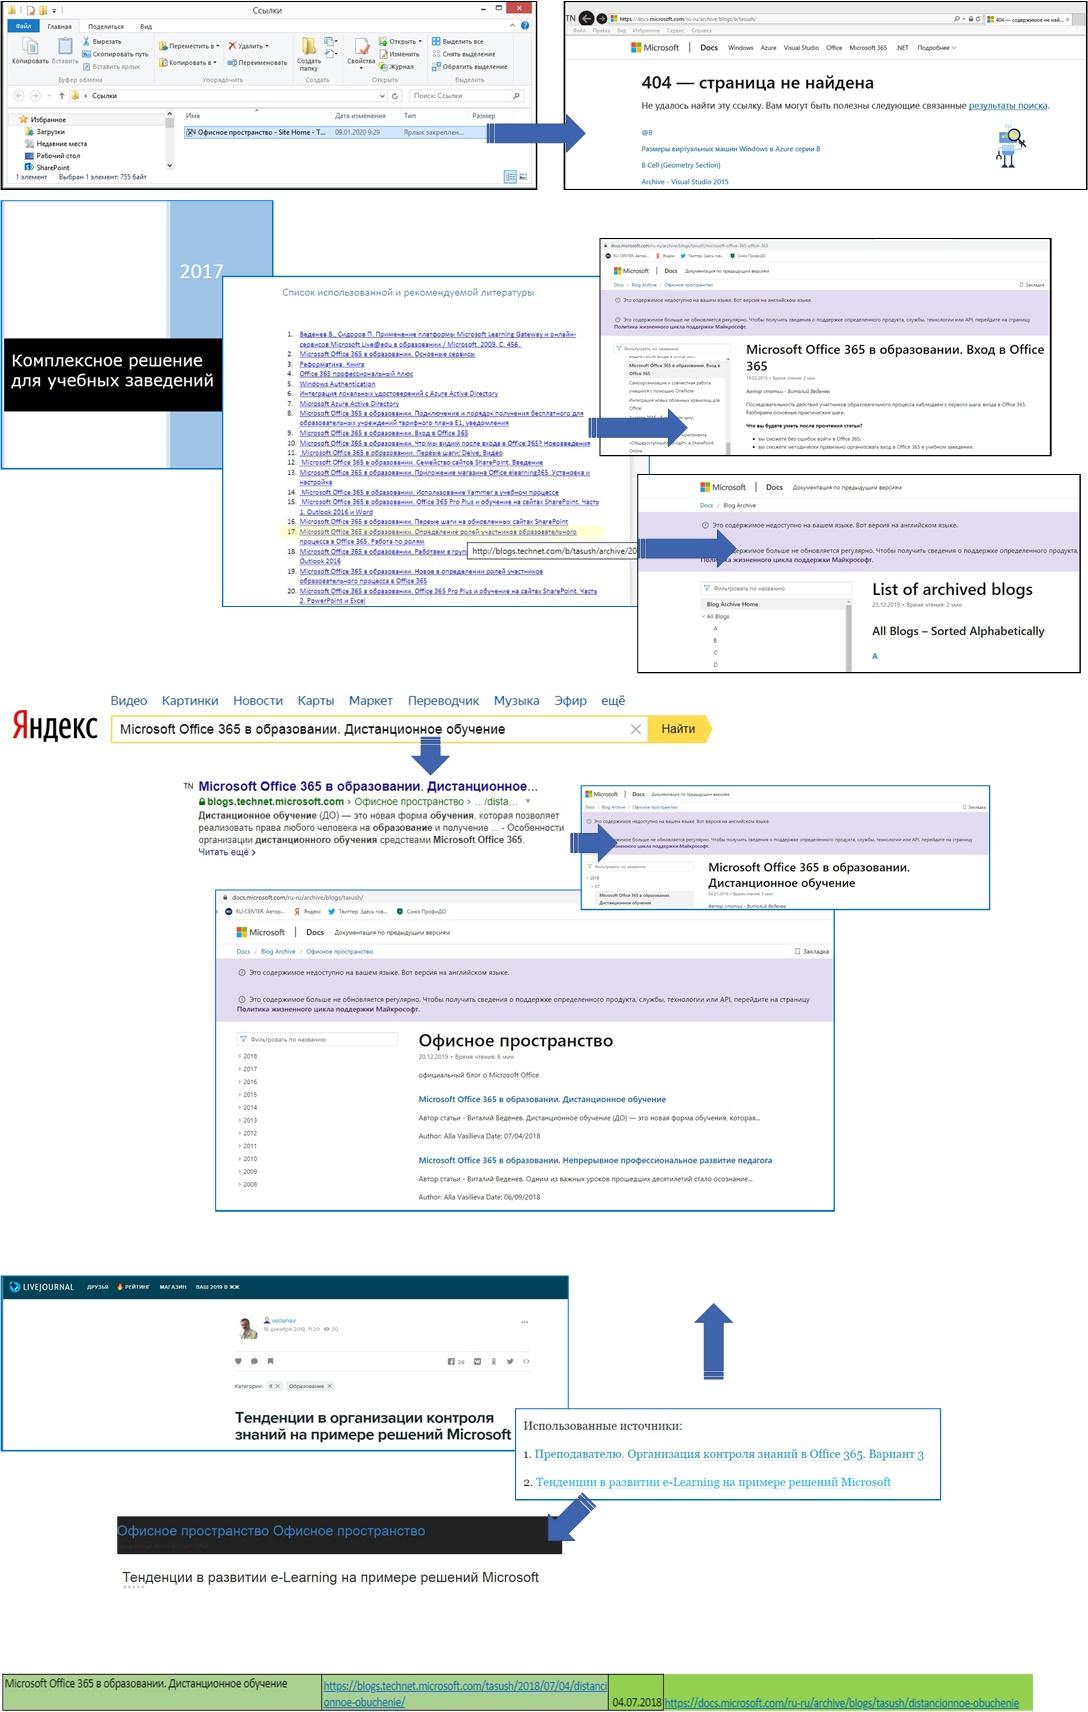 Варианты работы со ссылками на статьи блога «Офисное пространство» с января 2020